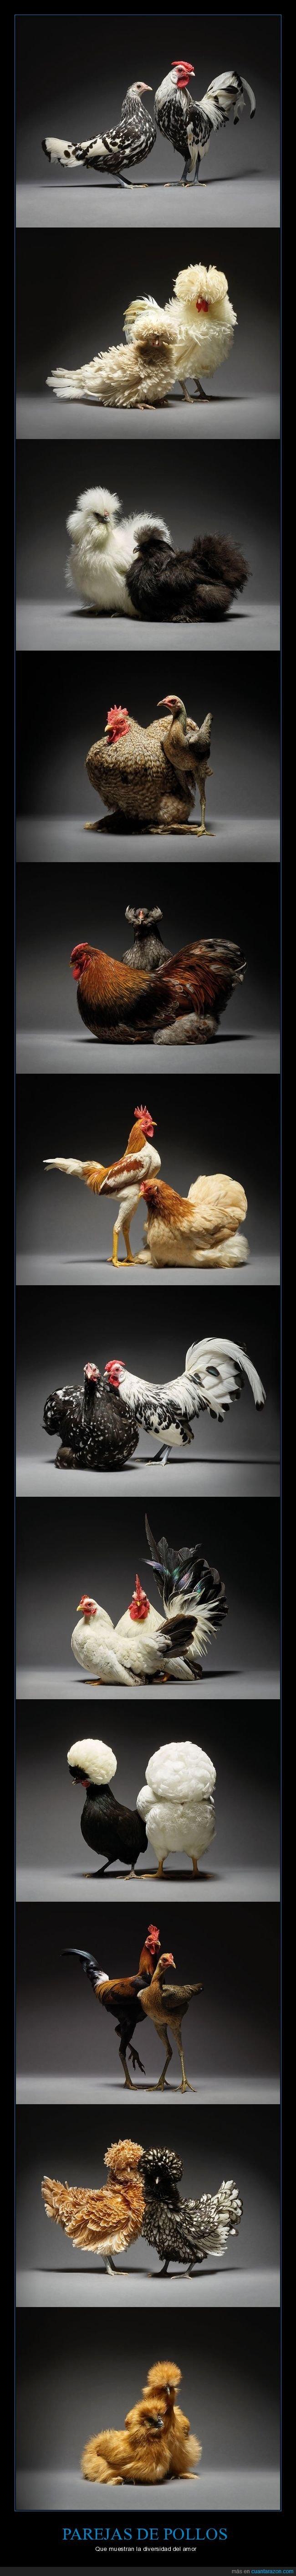 diversidad,parejas,pollos